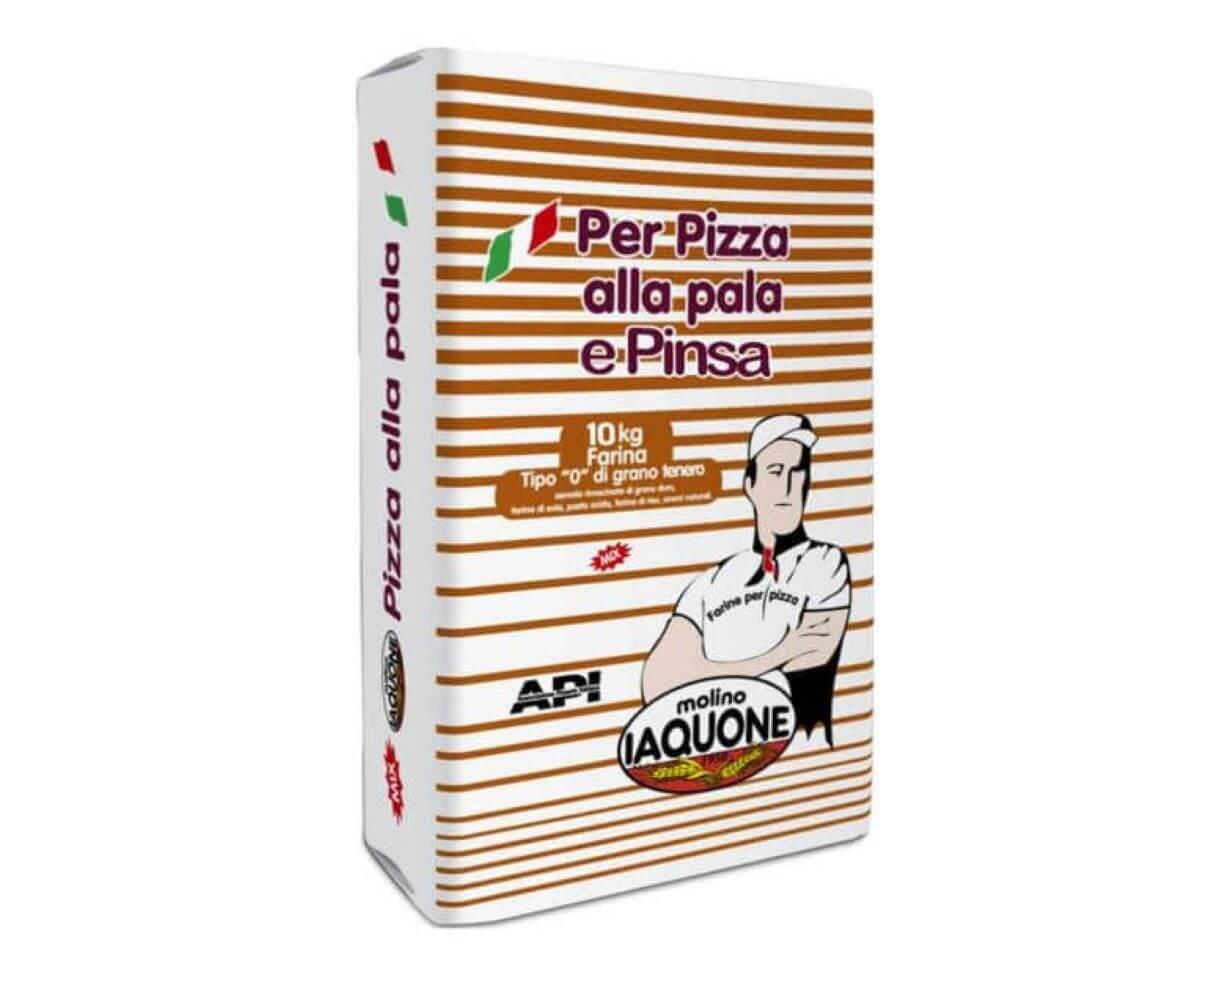 """Farina per pinsa romana di tipo """"0"""" molino Iaquone 10 kg"""